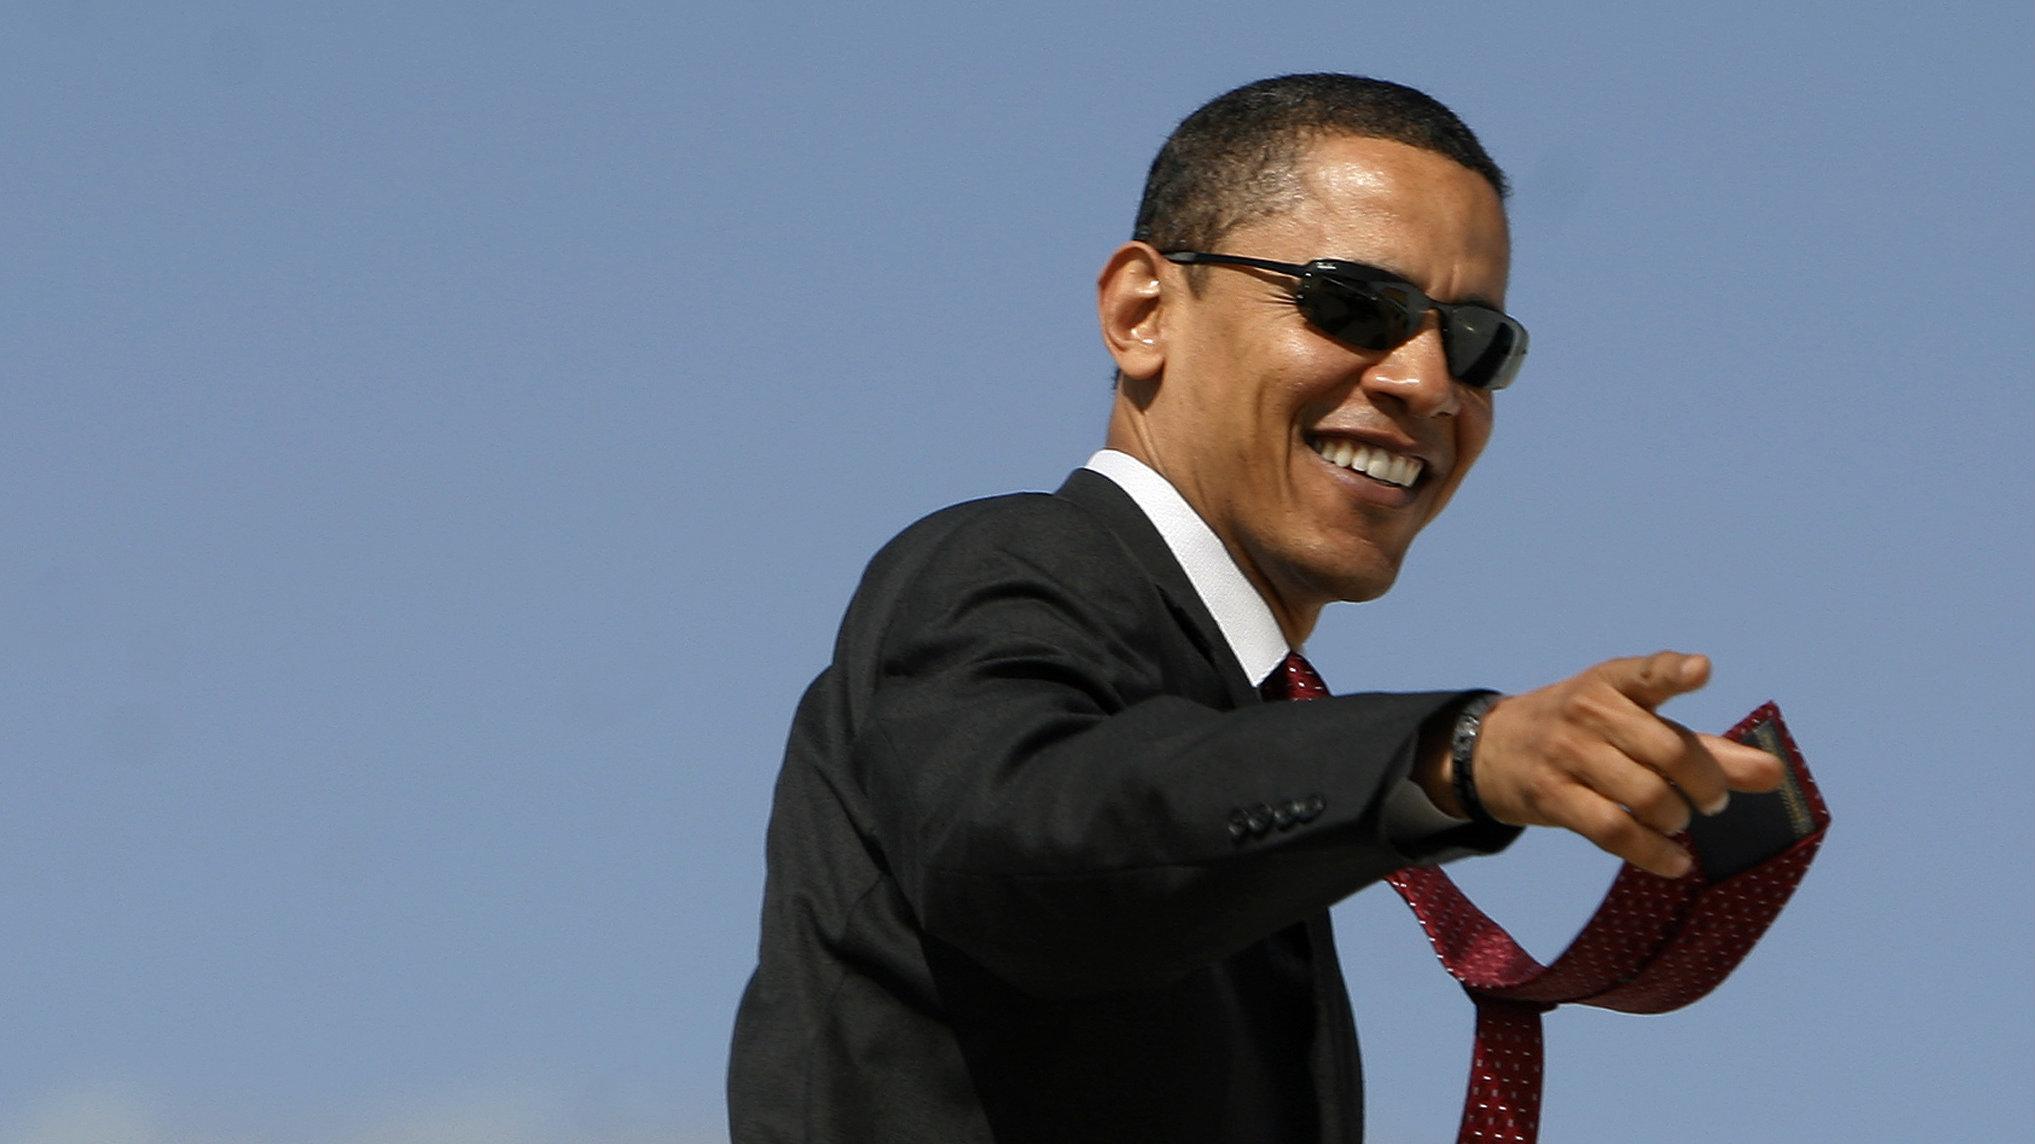 confident obama